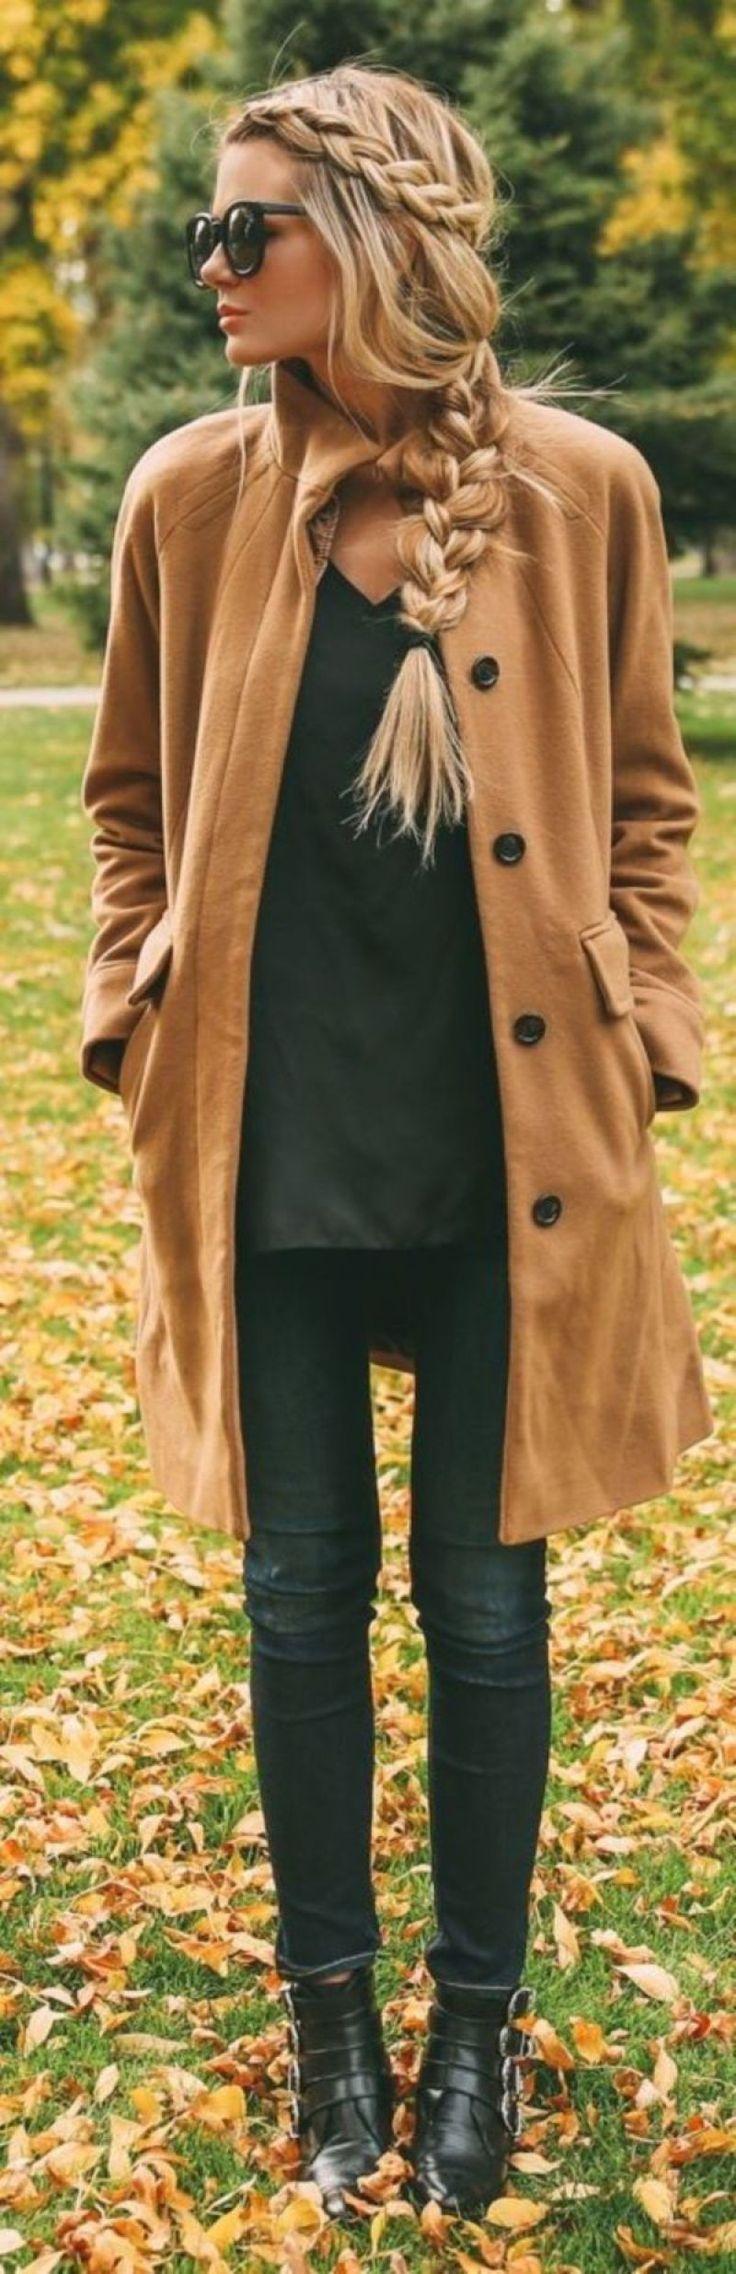 Si tienes una gabardina color camel en tu guardarropa, ya tienes completo tu outfit para esta temporada otoñal. #Outfit #Fall